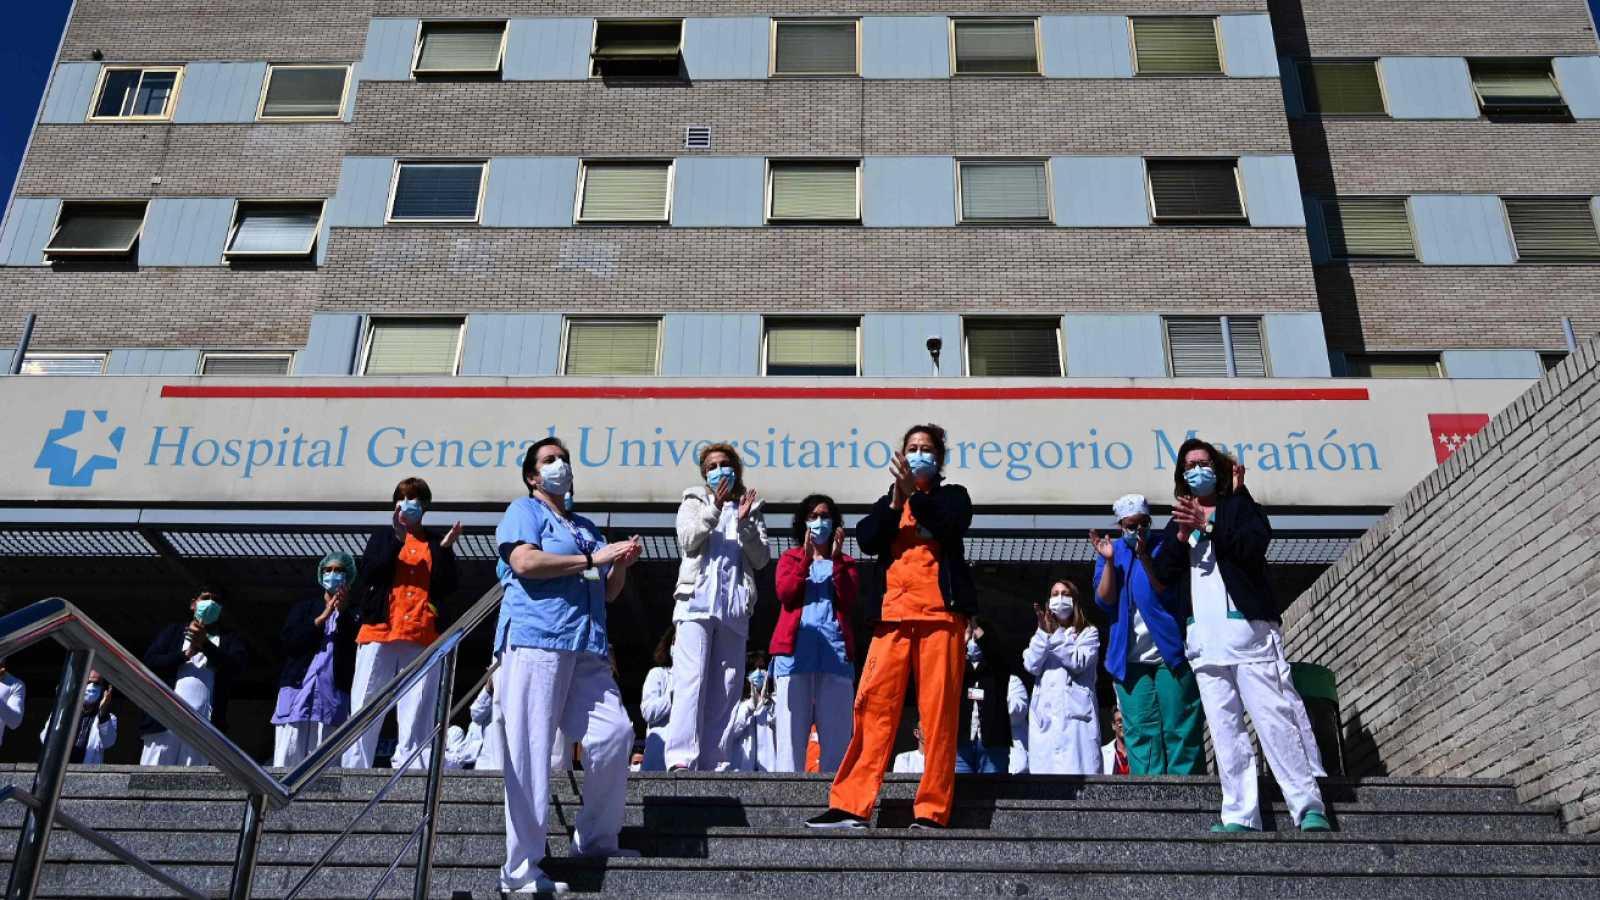 Baja la tensión en las urgencias madrileñas gracias al confinamiento